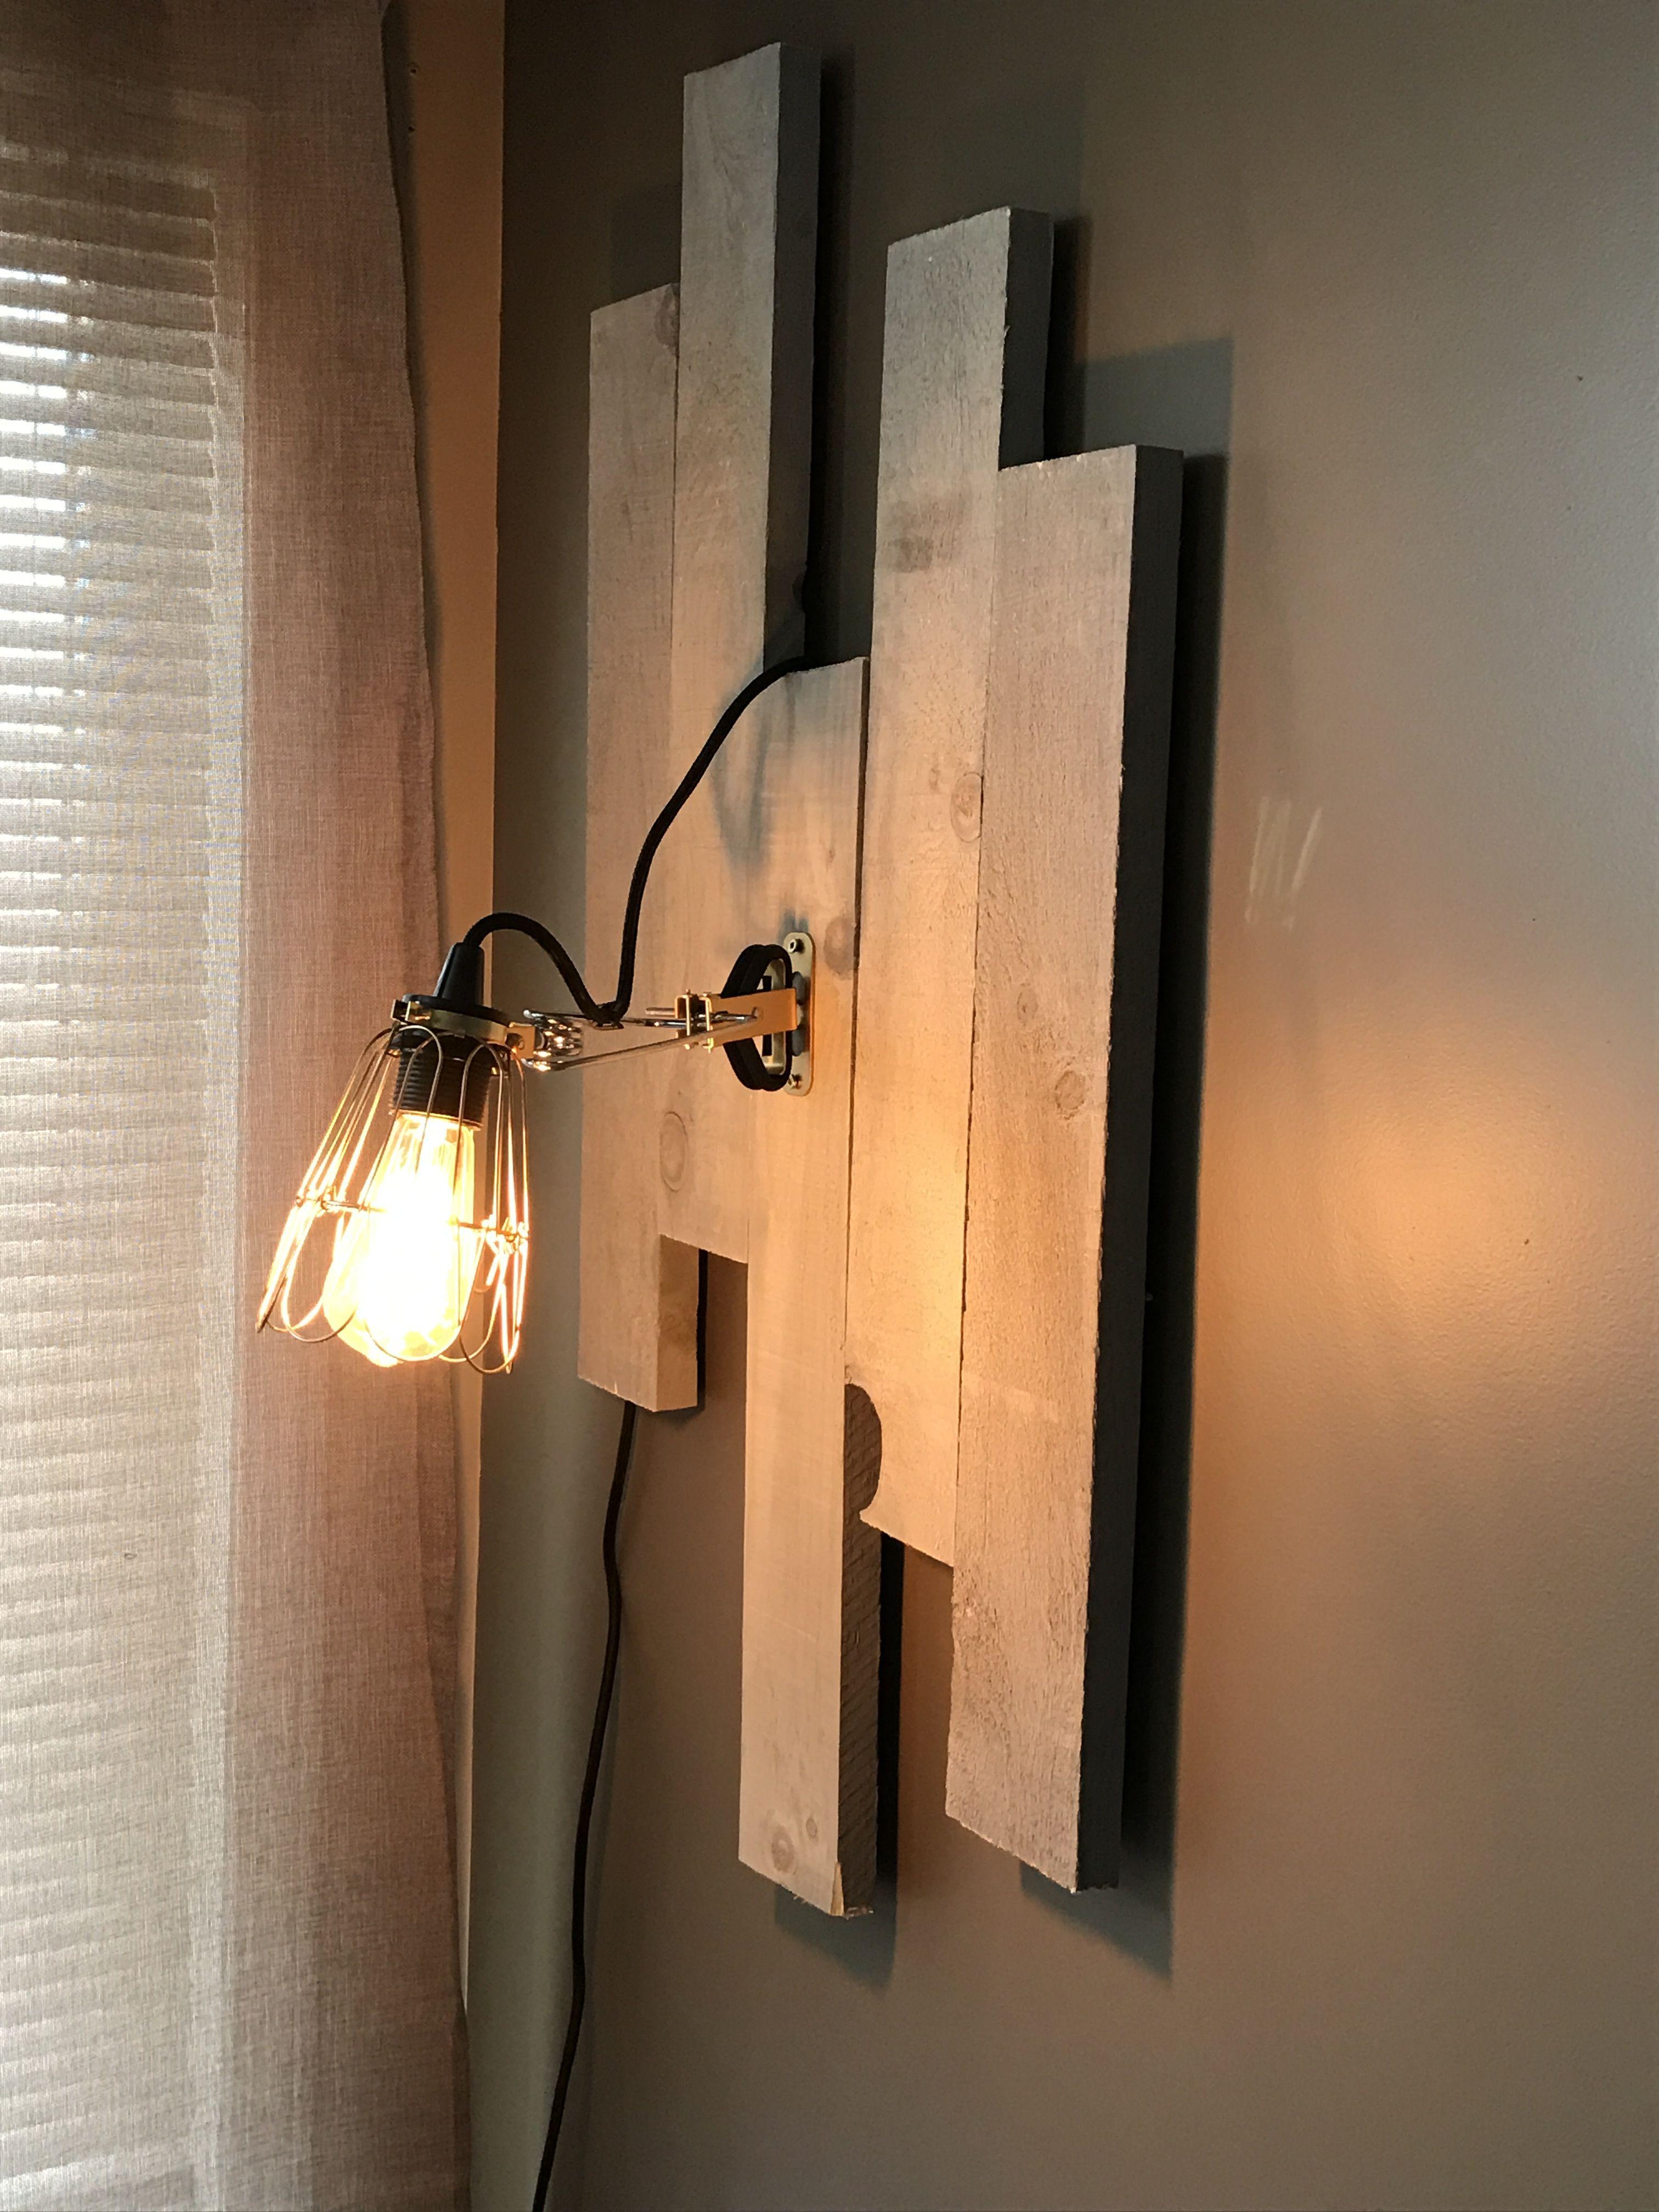 DIY Wall light with barn wood. Wall lights, Diy wall